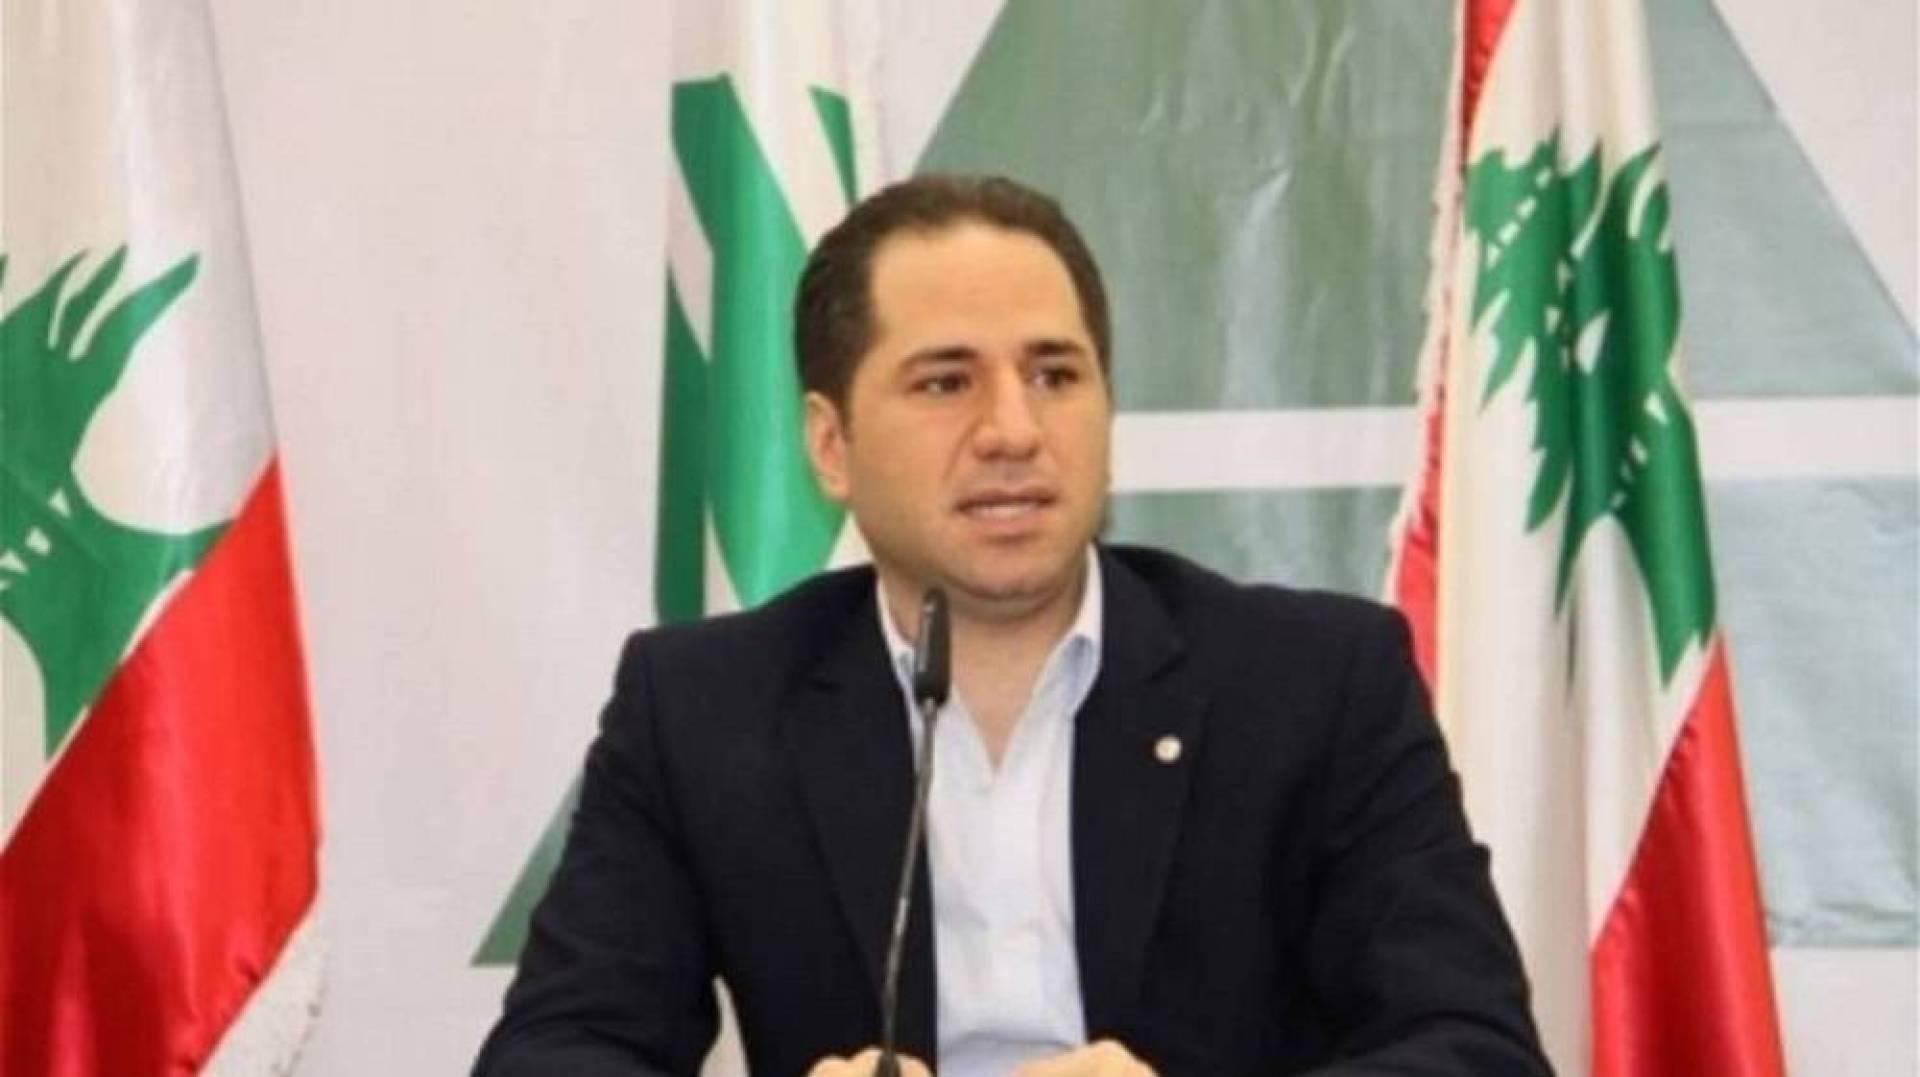 رئيس حزب الكتائب اللبناني يعلن استقالة نواب الحزب من البرلمان